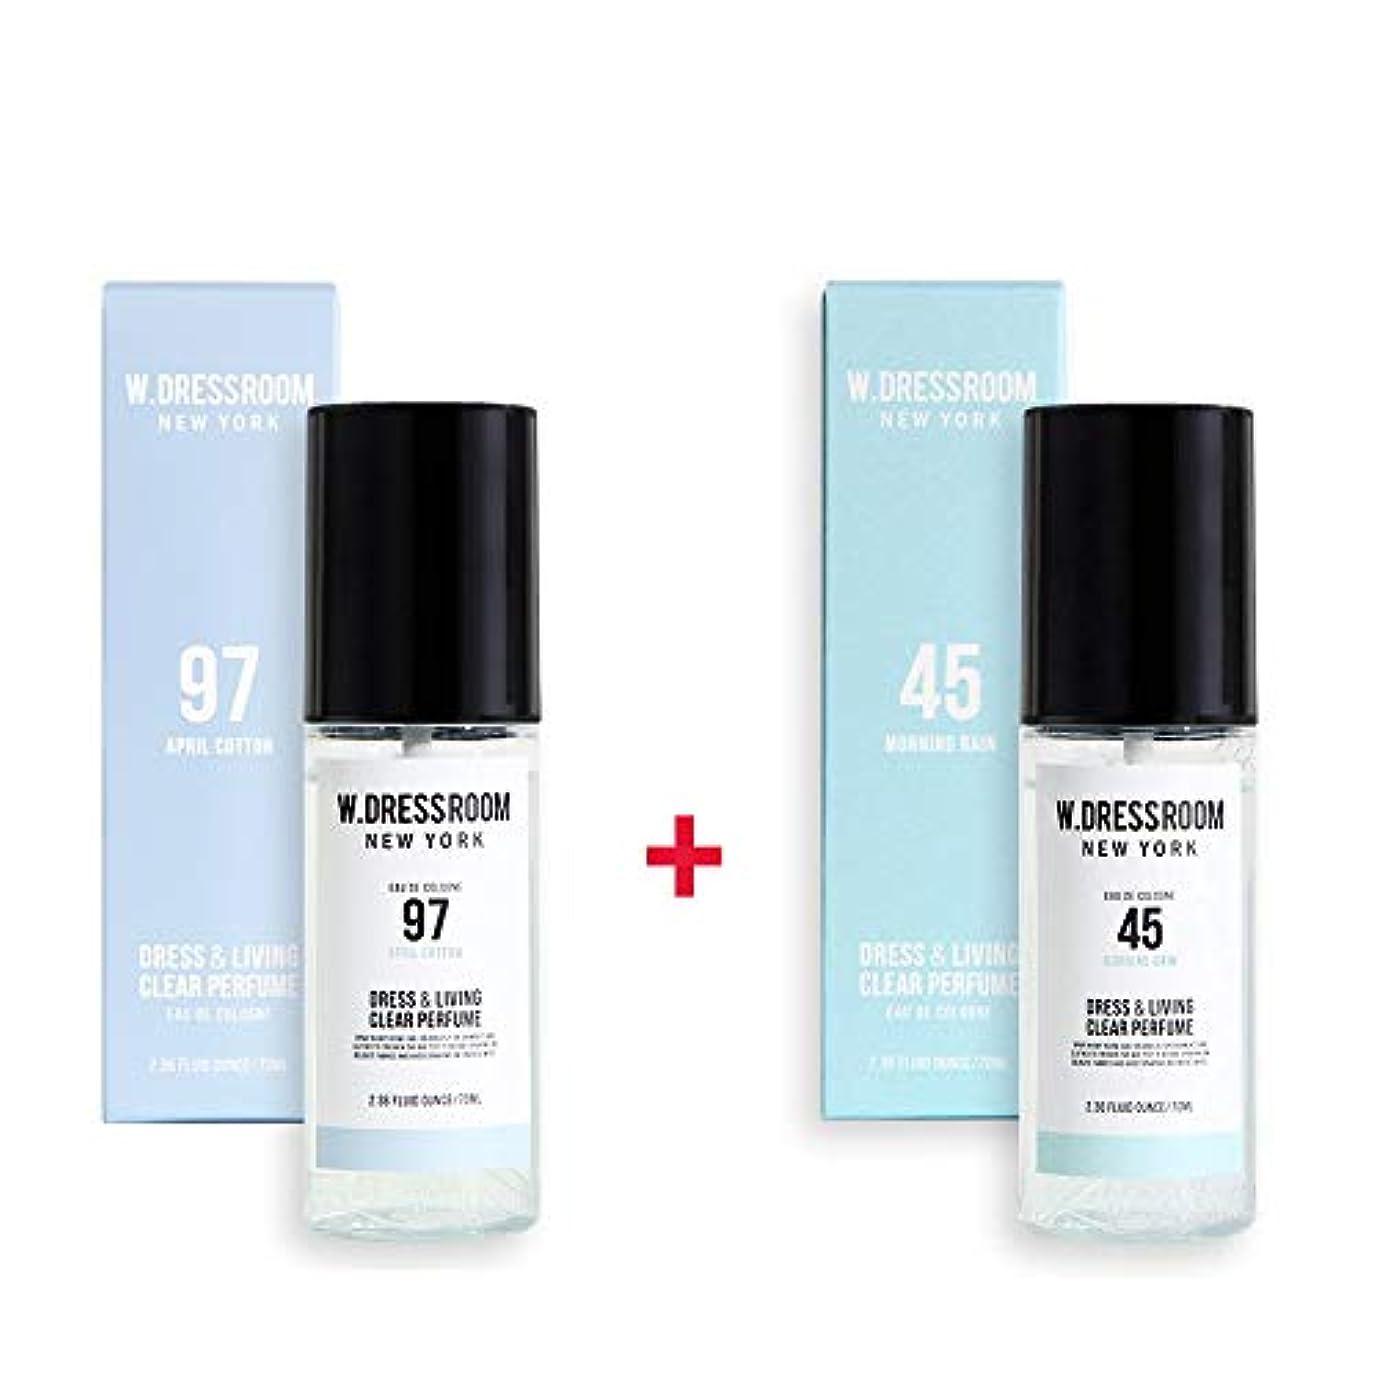 ノート種をまく開拓者W.DRESSROOM Dress & Living Clear Perfume 70ml (No 97 April Cotton)+(No 45 Morning Rain)